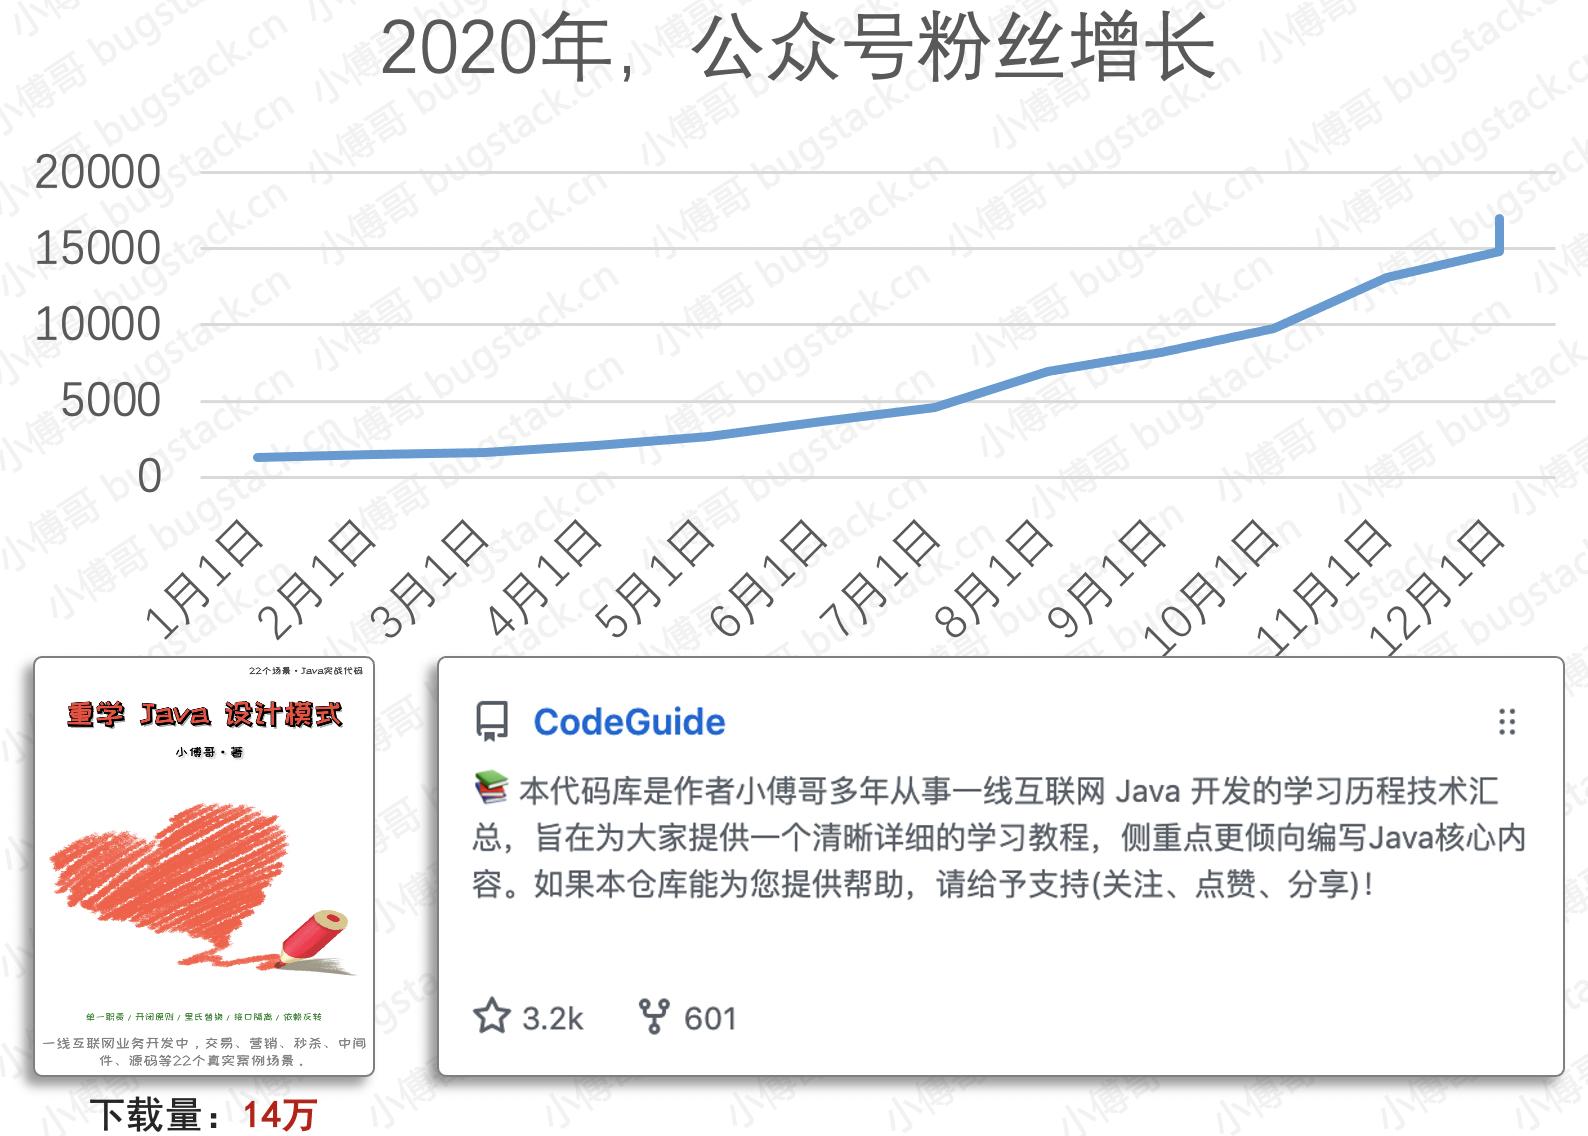 2020年,数据增长报告